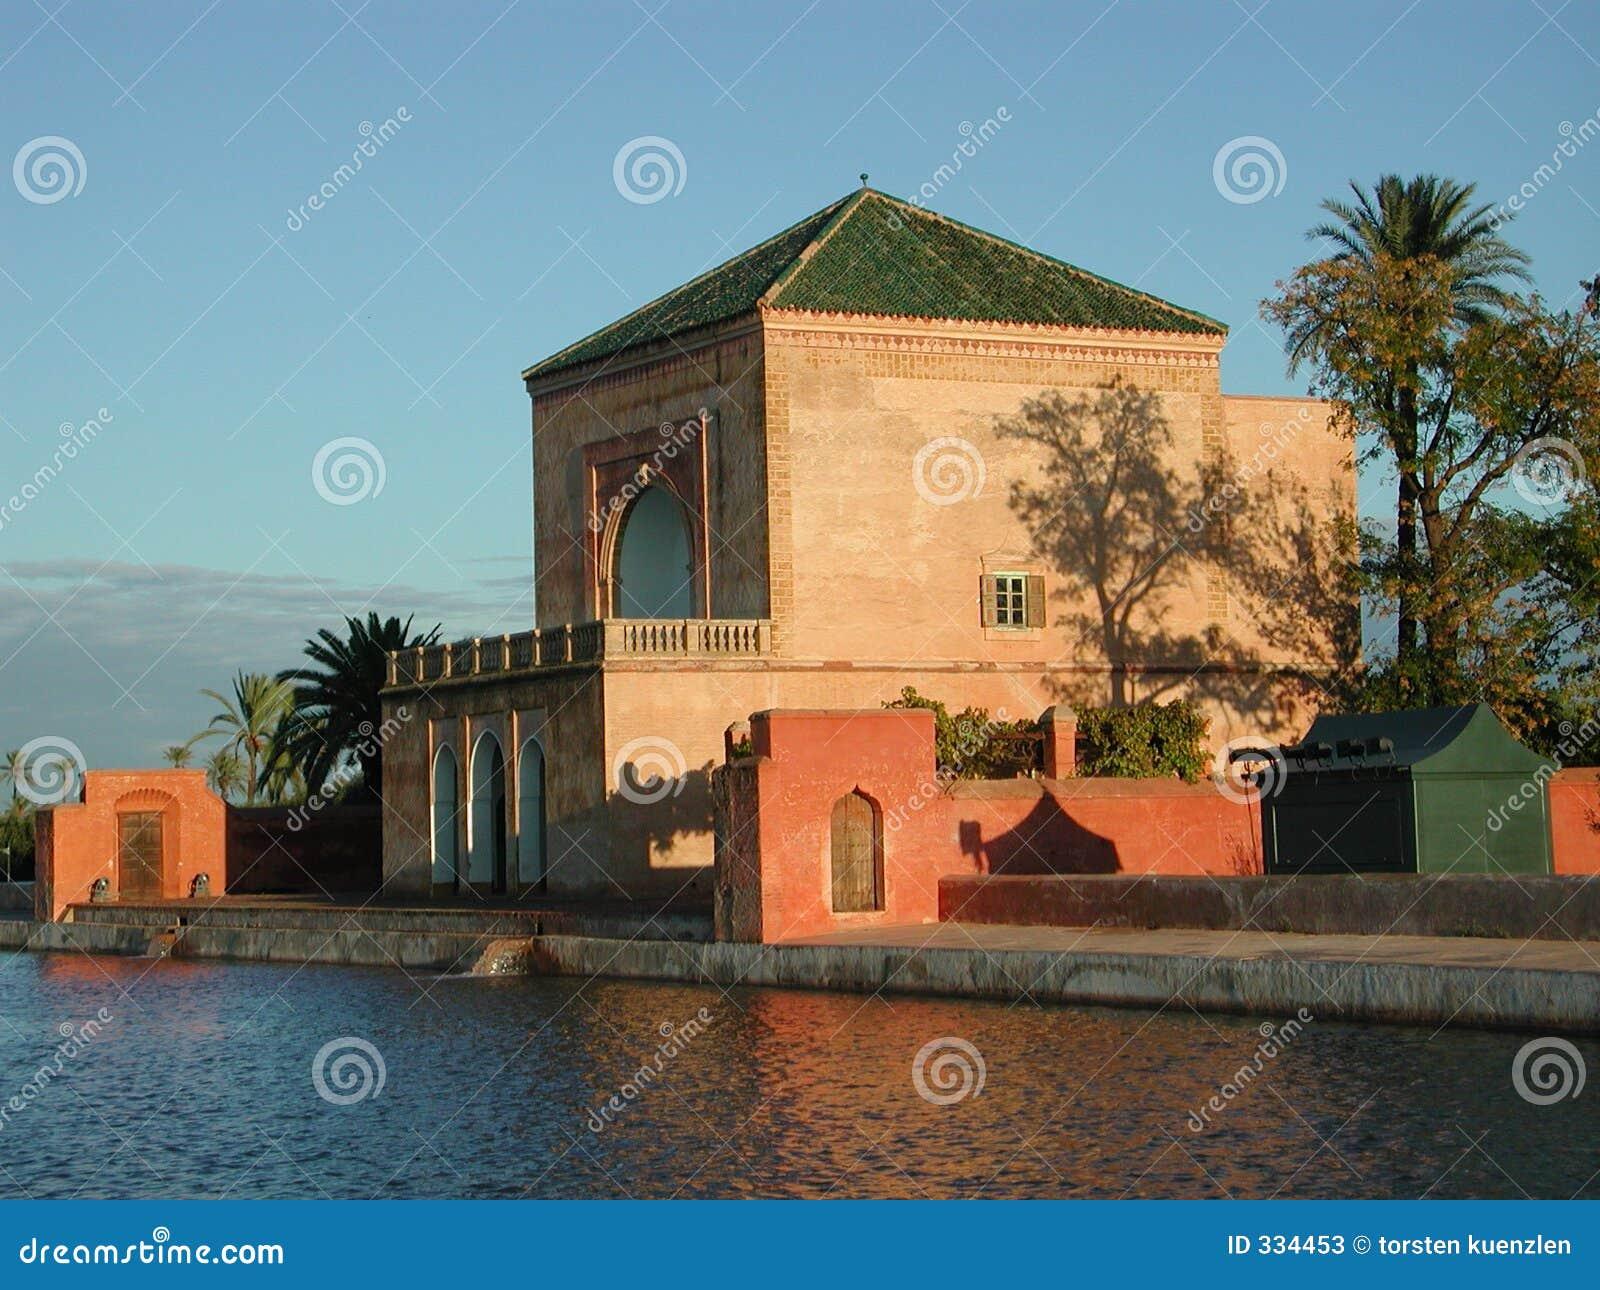 Garden marrakesh menara morocco pavillion